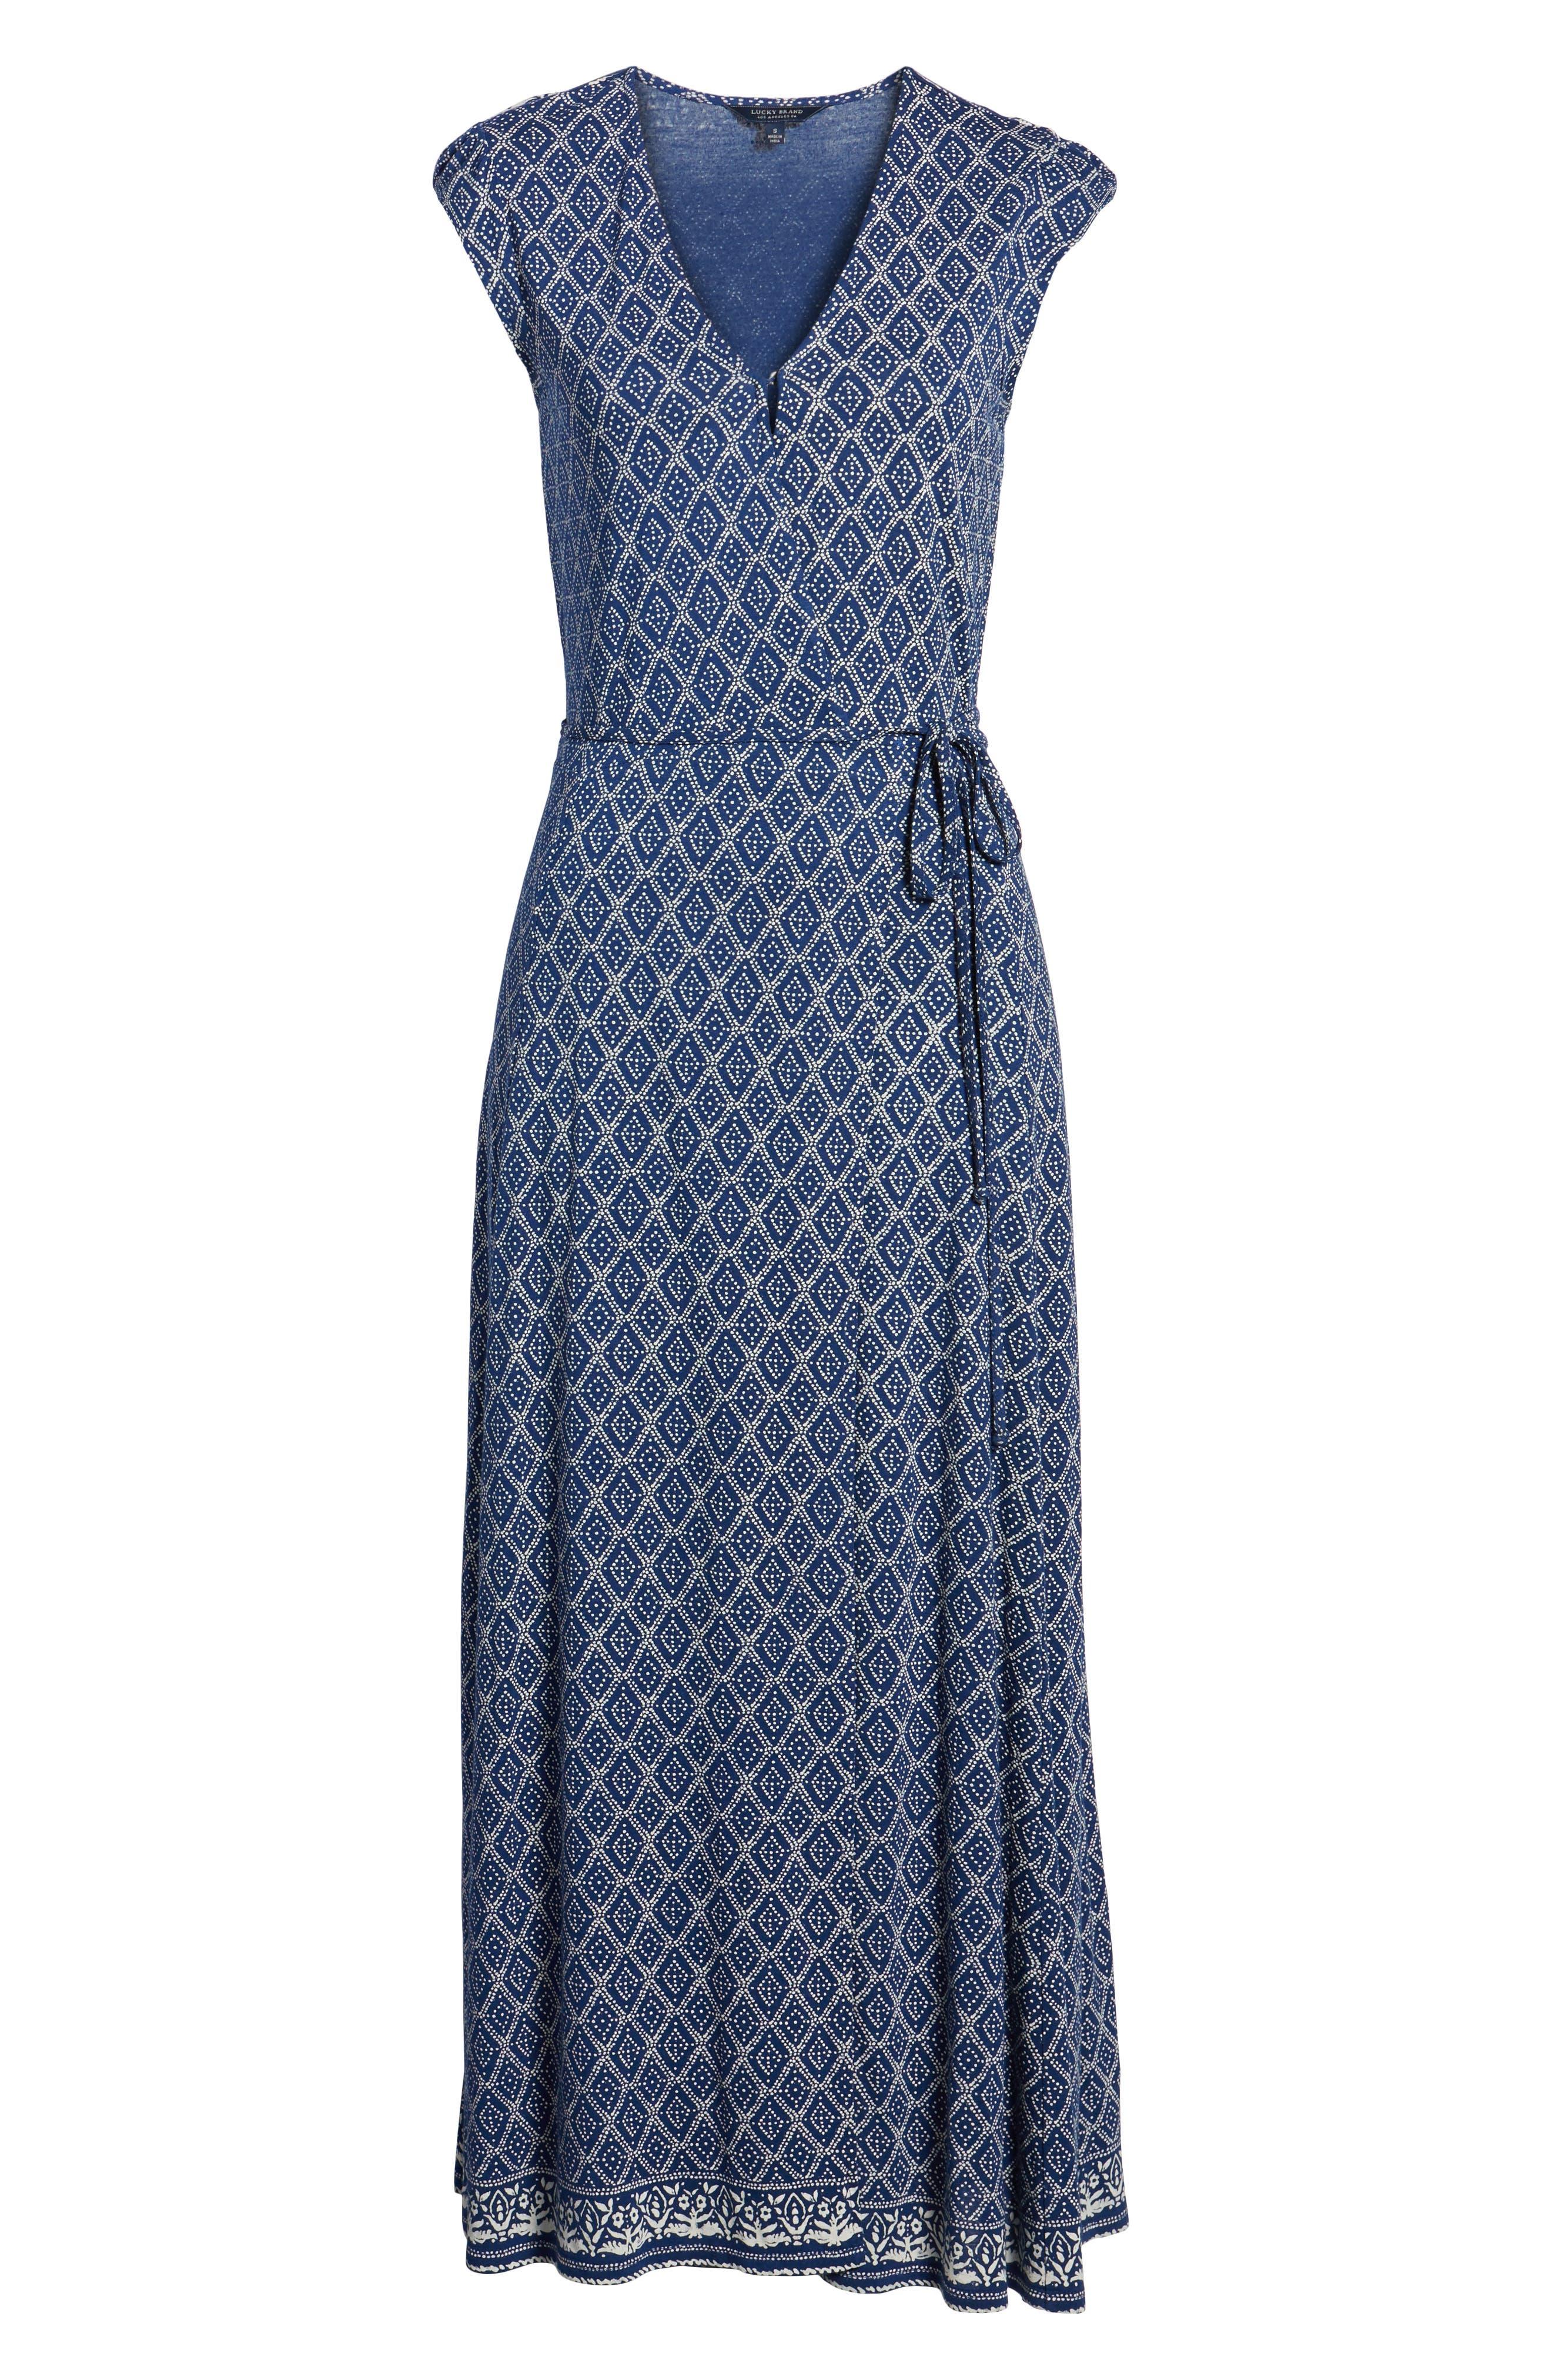 Lucky Border Print Maxi Dress,                             Alternate thumbnail 7, color,                             Multi